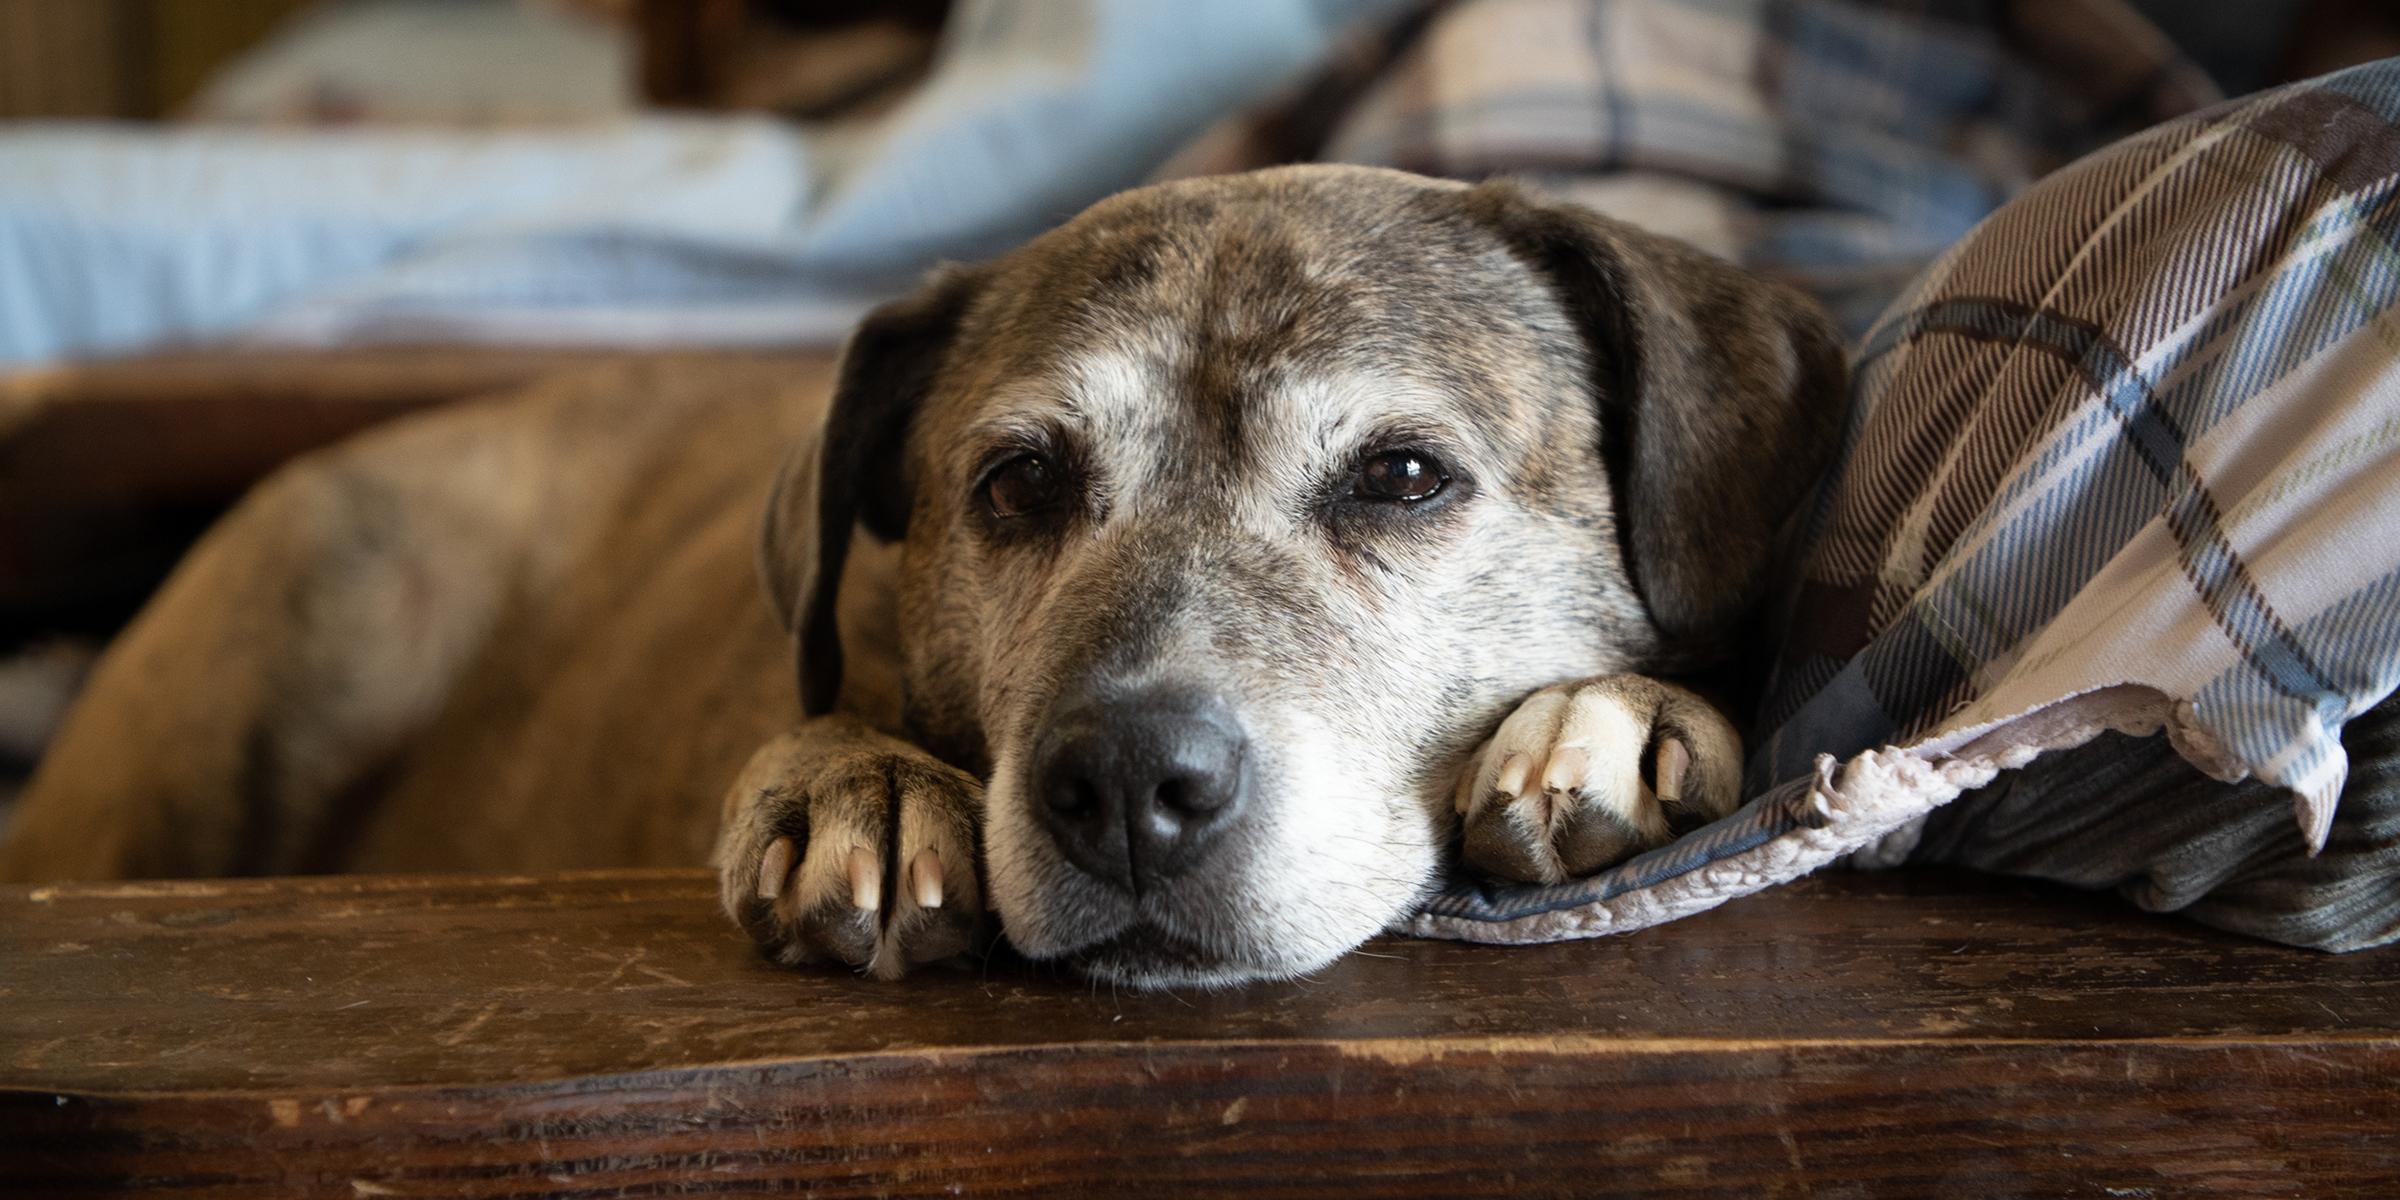 old dog today main 190625 f5d00385fdc328d1ac98ac057e00b1fe - Adopt a Senior Pet Month – How Your Pet Ages